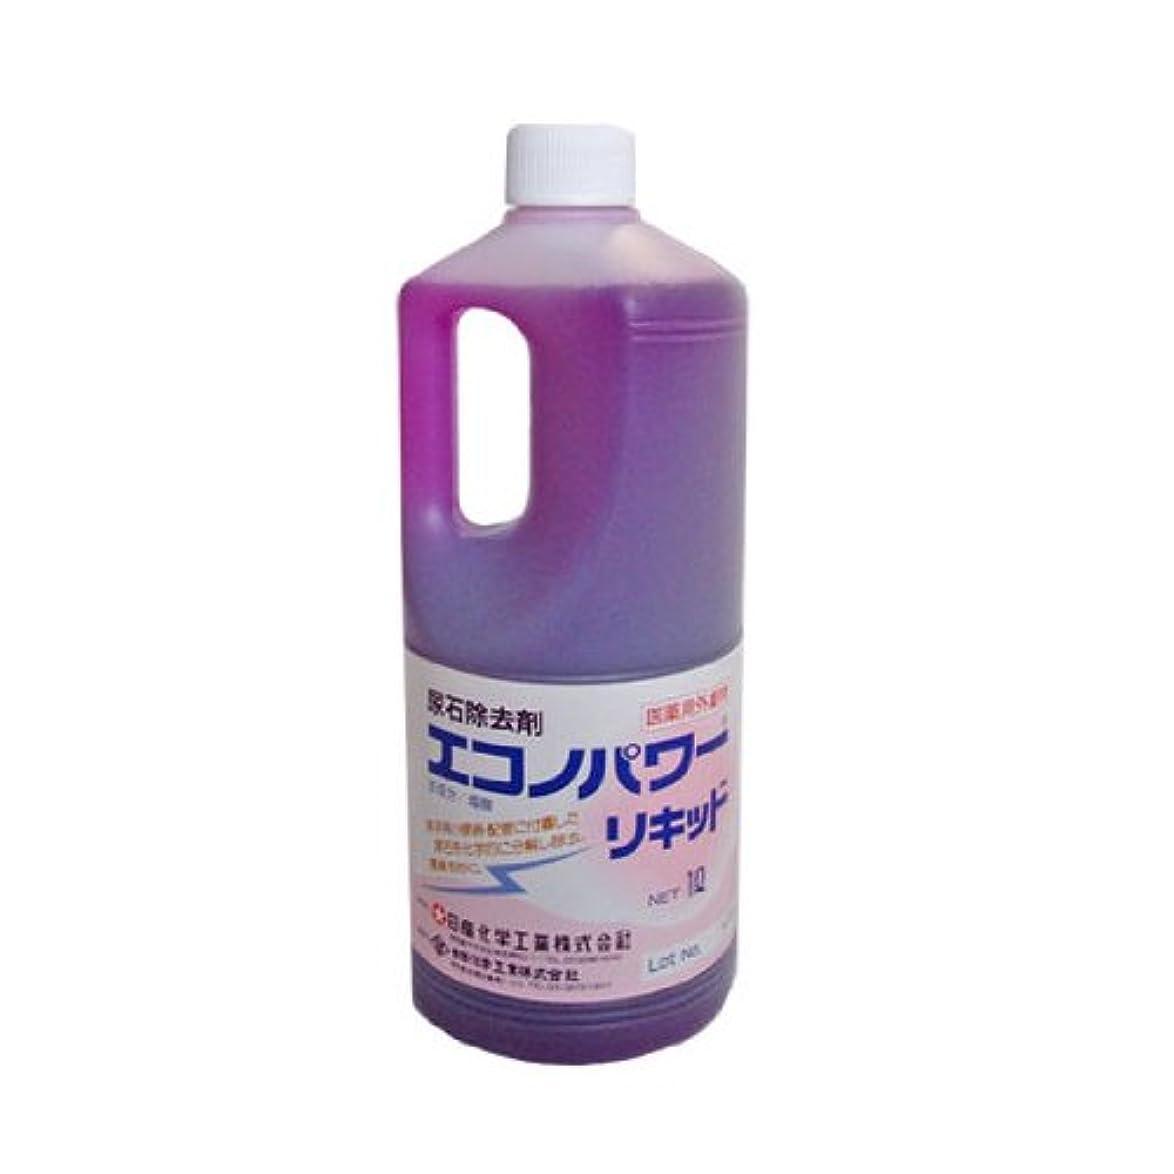 唯一スクリーチ合理的エコノパワーリキッド1L 尿石除去剤